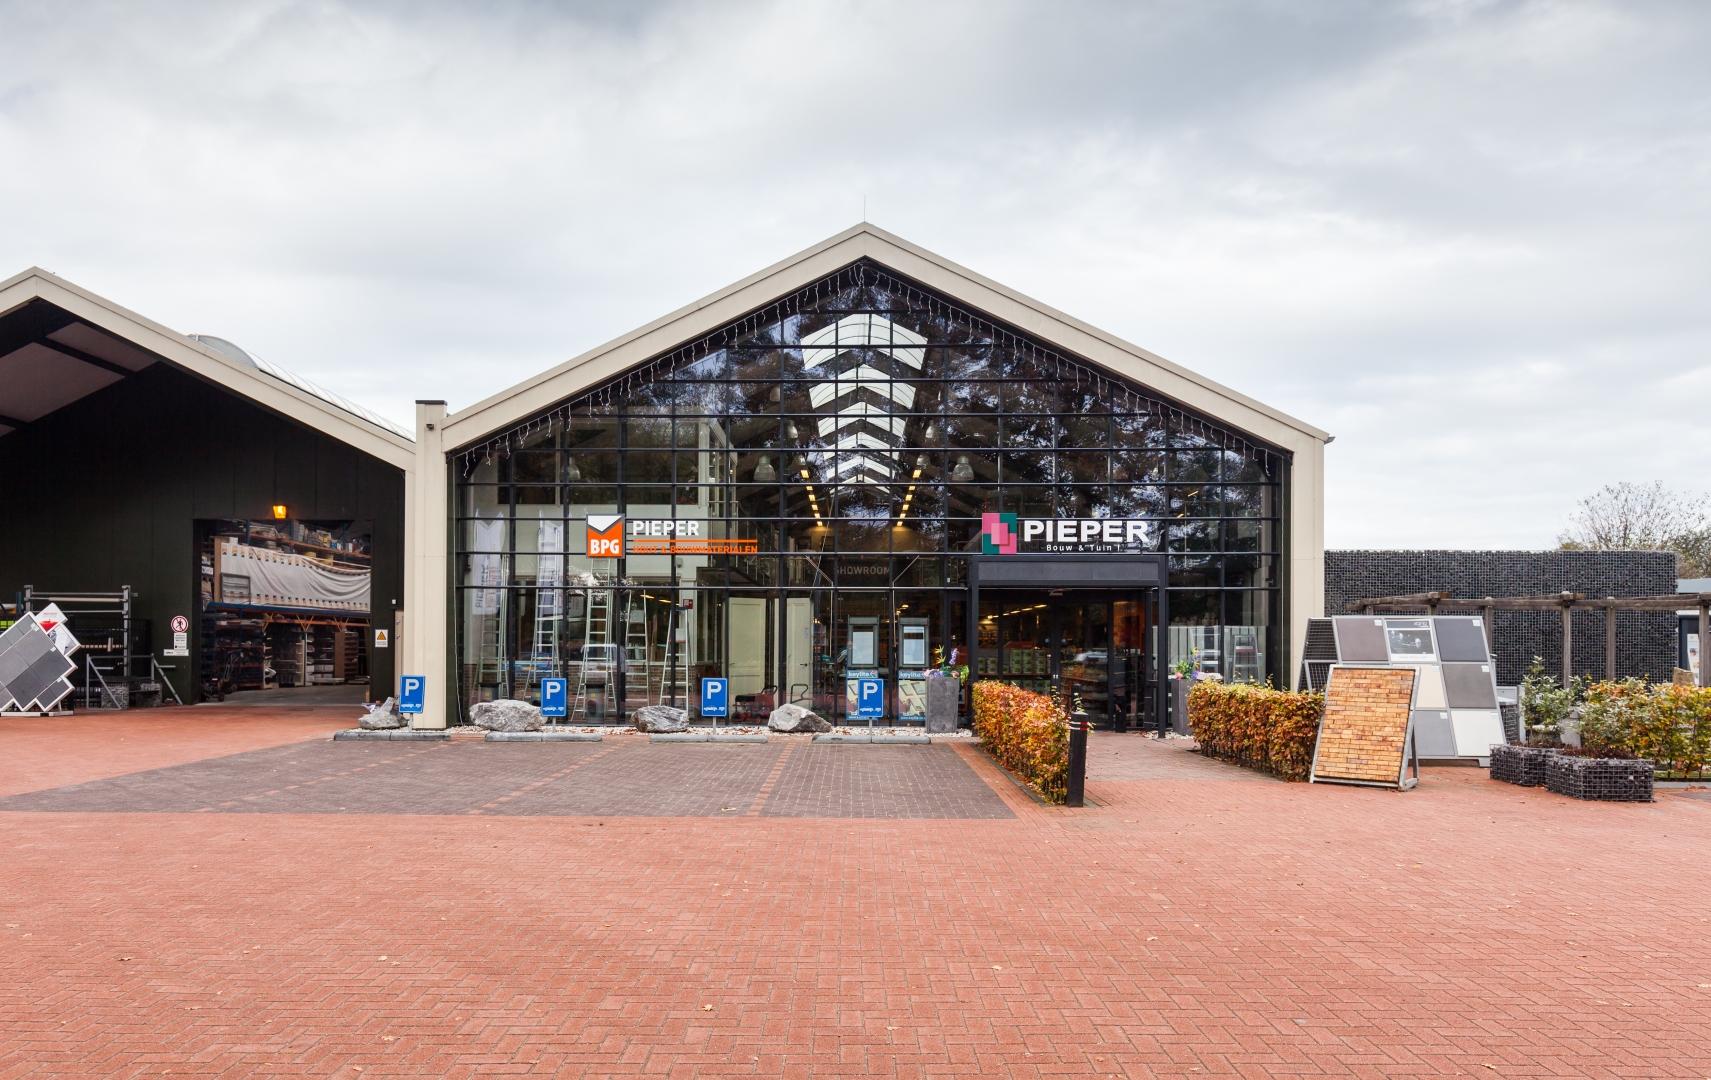 Nieuwbouw bedrijfspand met winkel, showroom, opslag en kantoor voor Pieper Bouw & Tuin in Ermelo